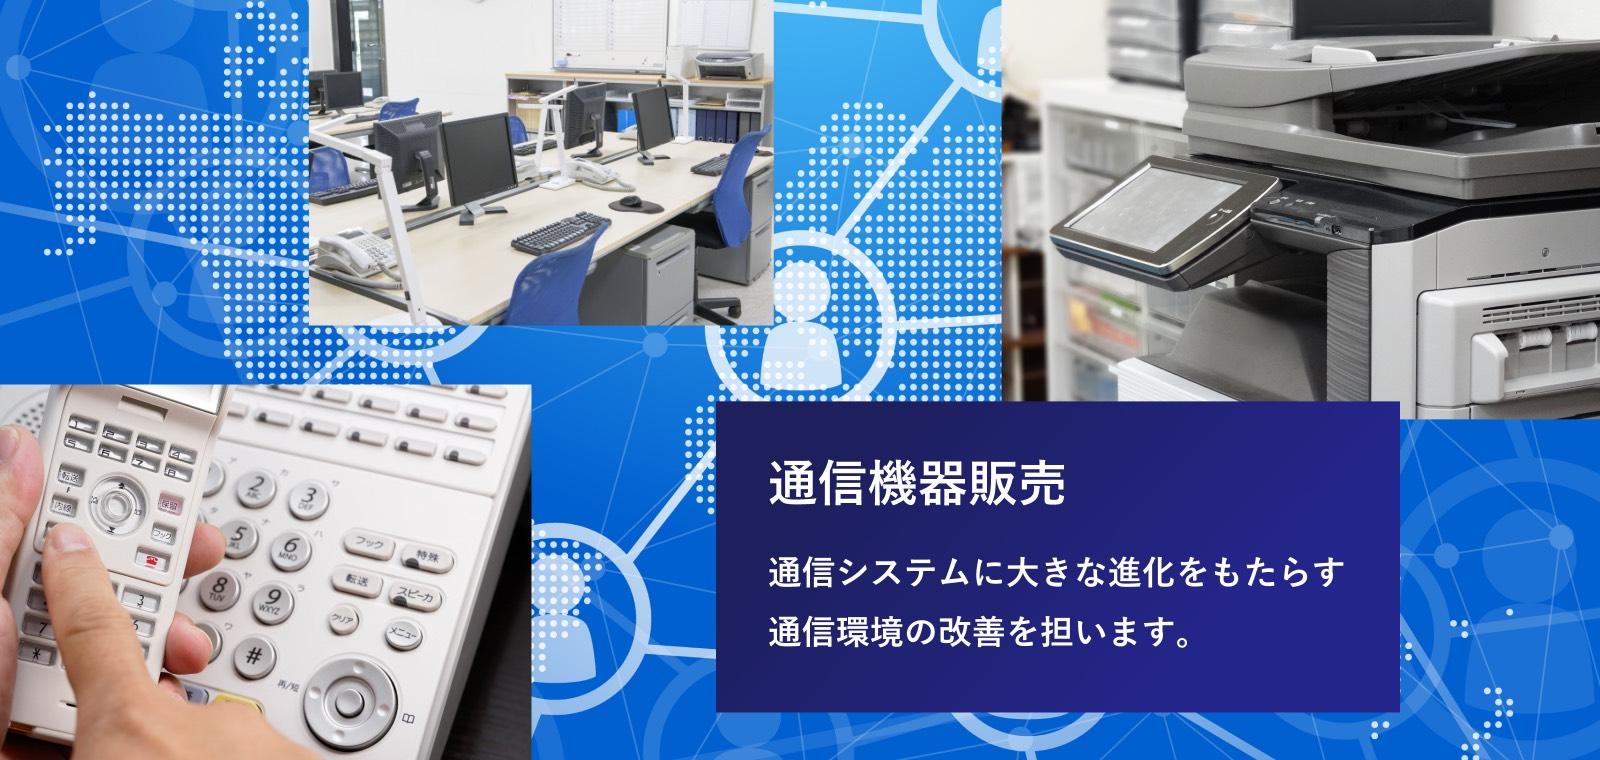 通信機器販売 通信システムに大きな進化をもたらす通信環境の改善を担います。